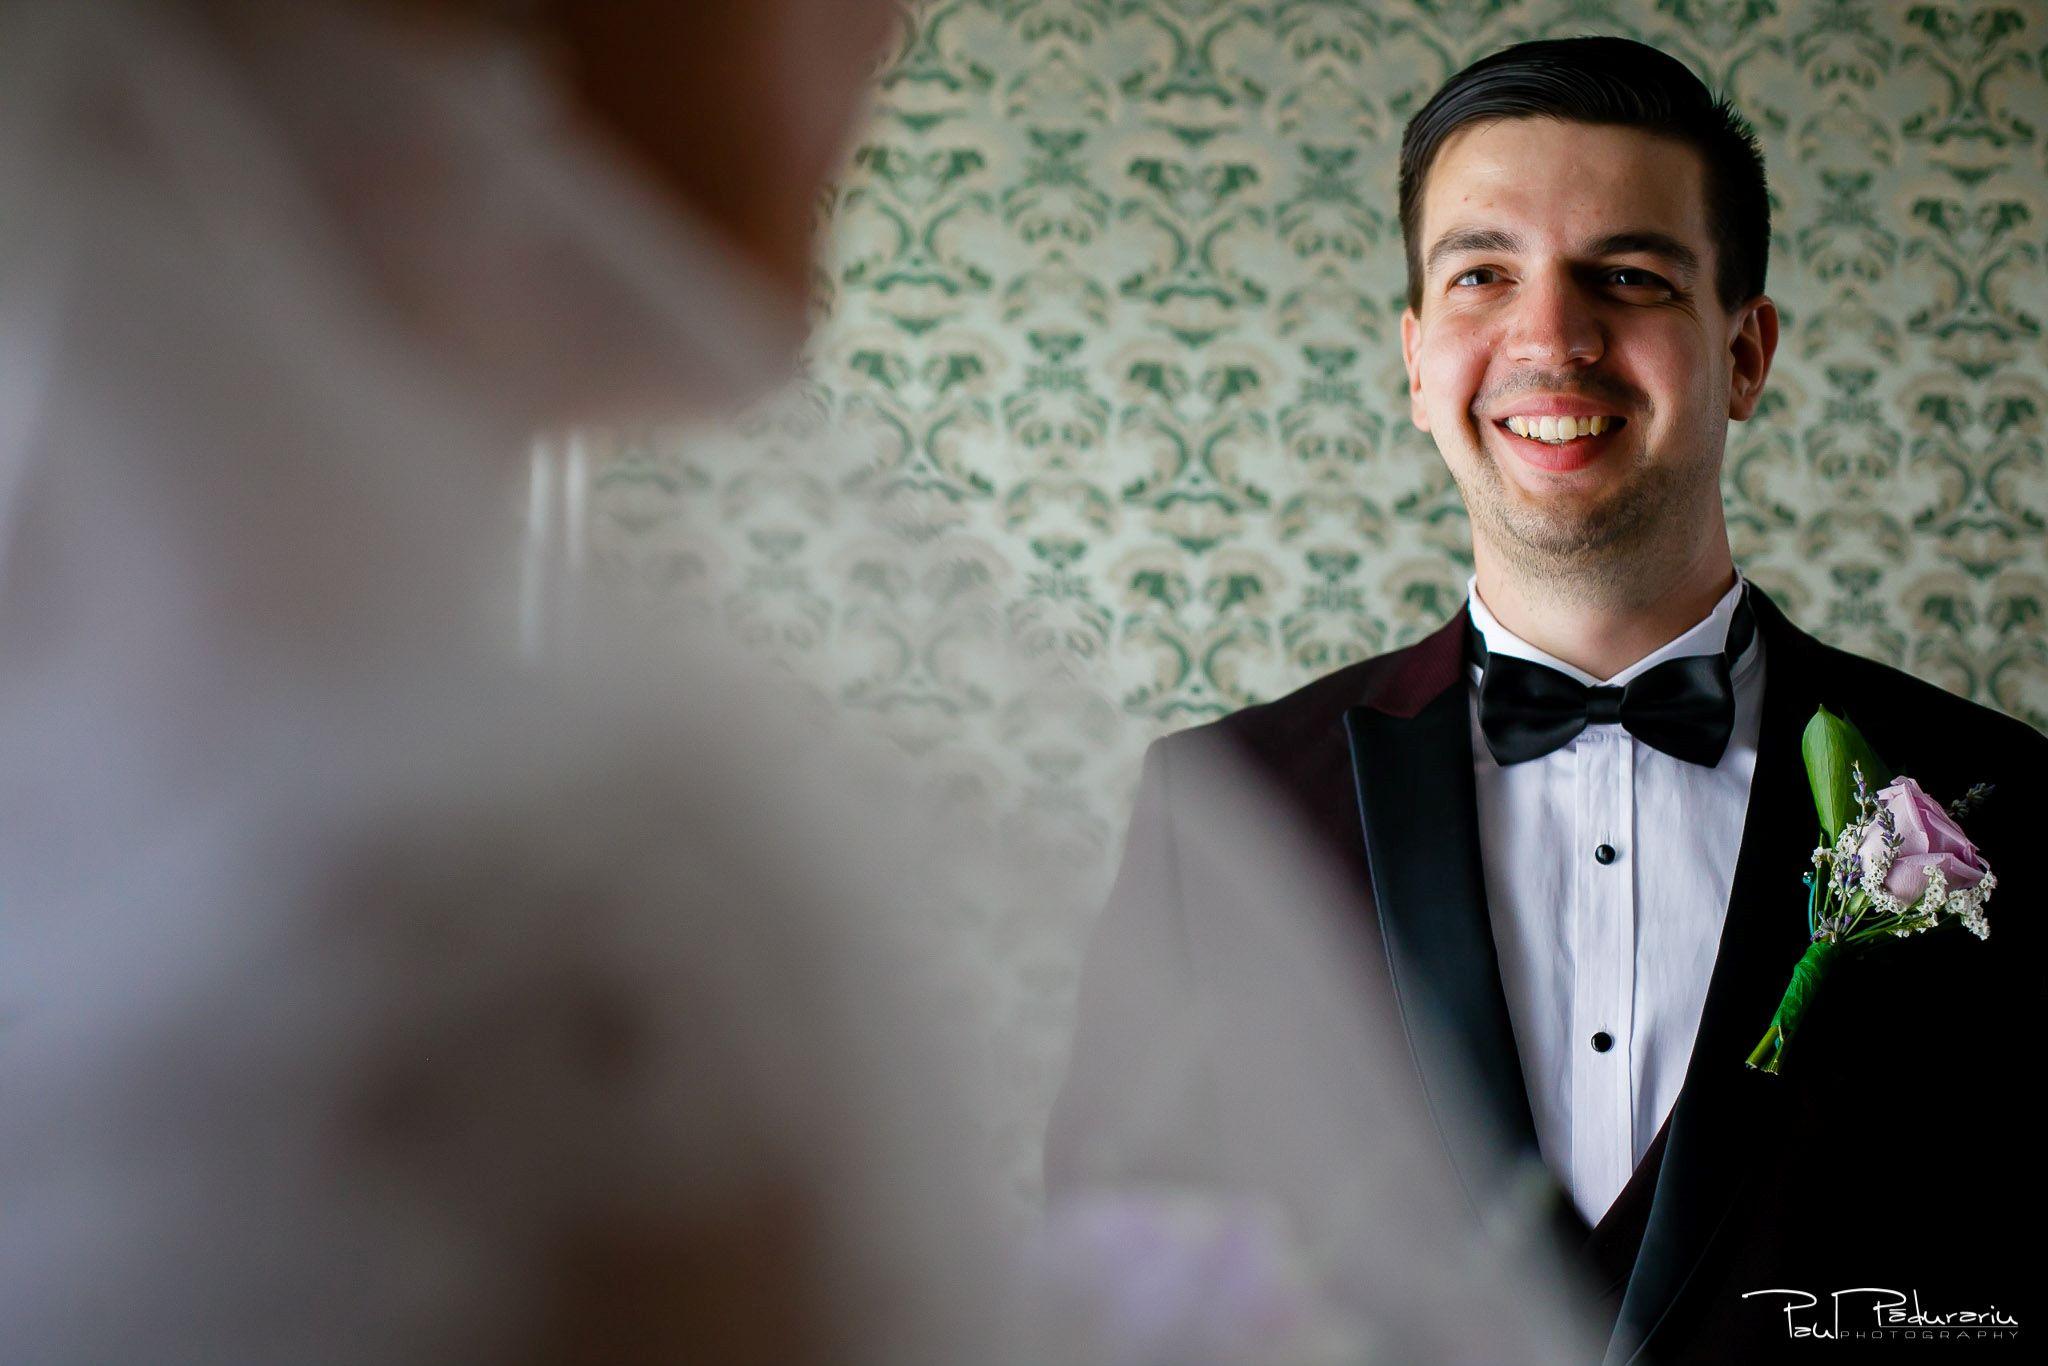 Diana Sebi nunta husi lavanda paul padurariu fotograf nunta pregatire miri 3